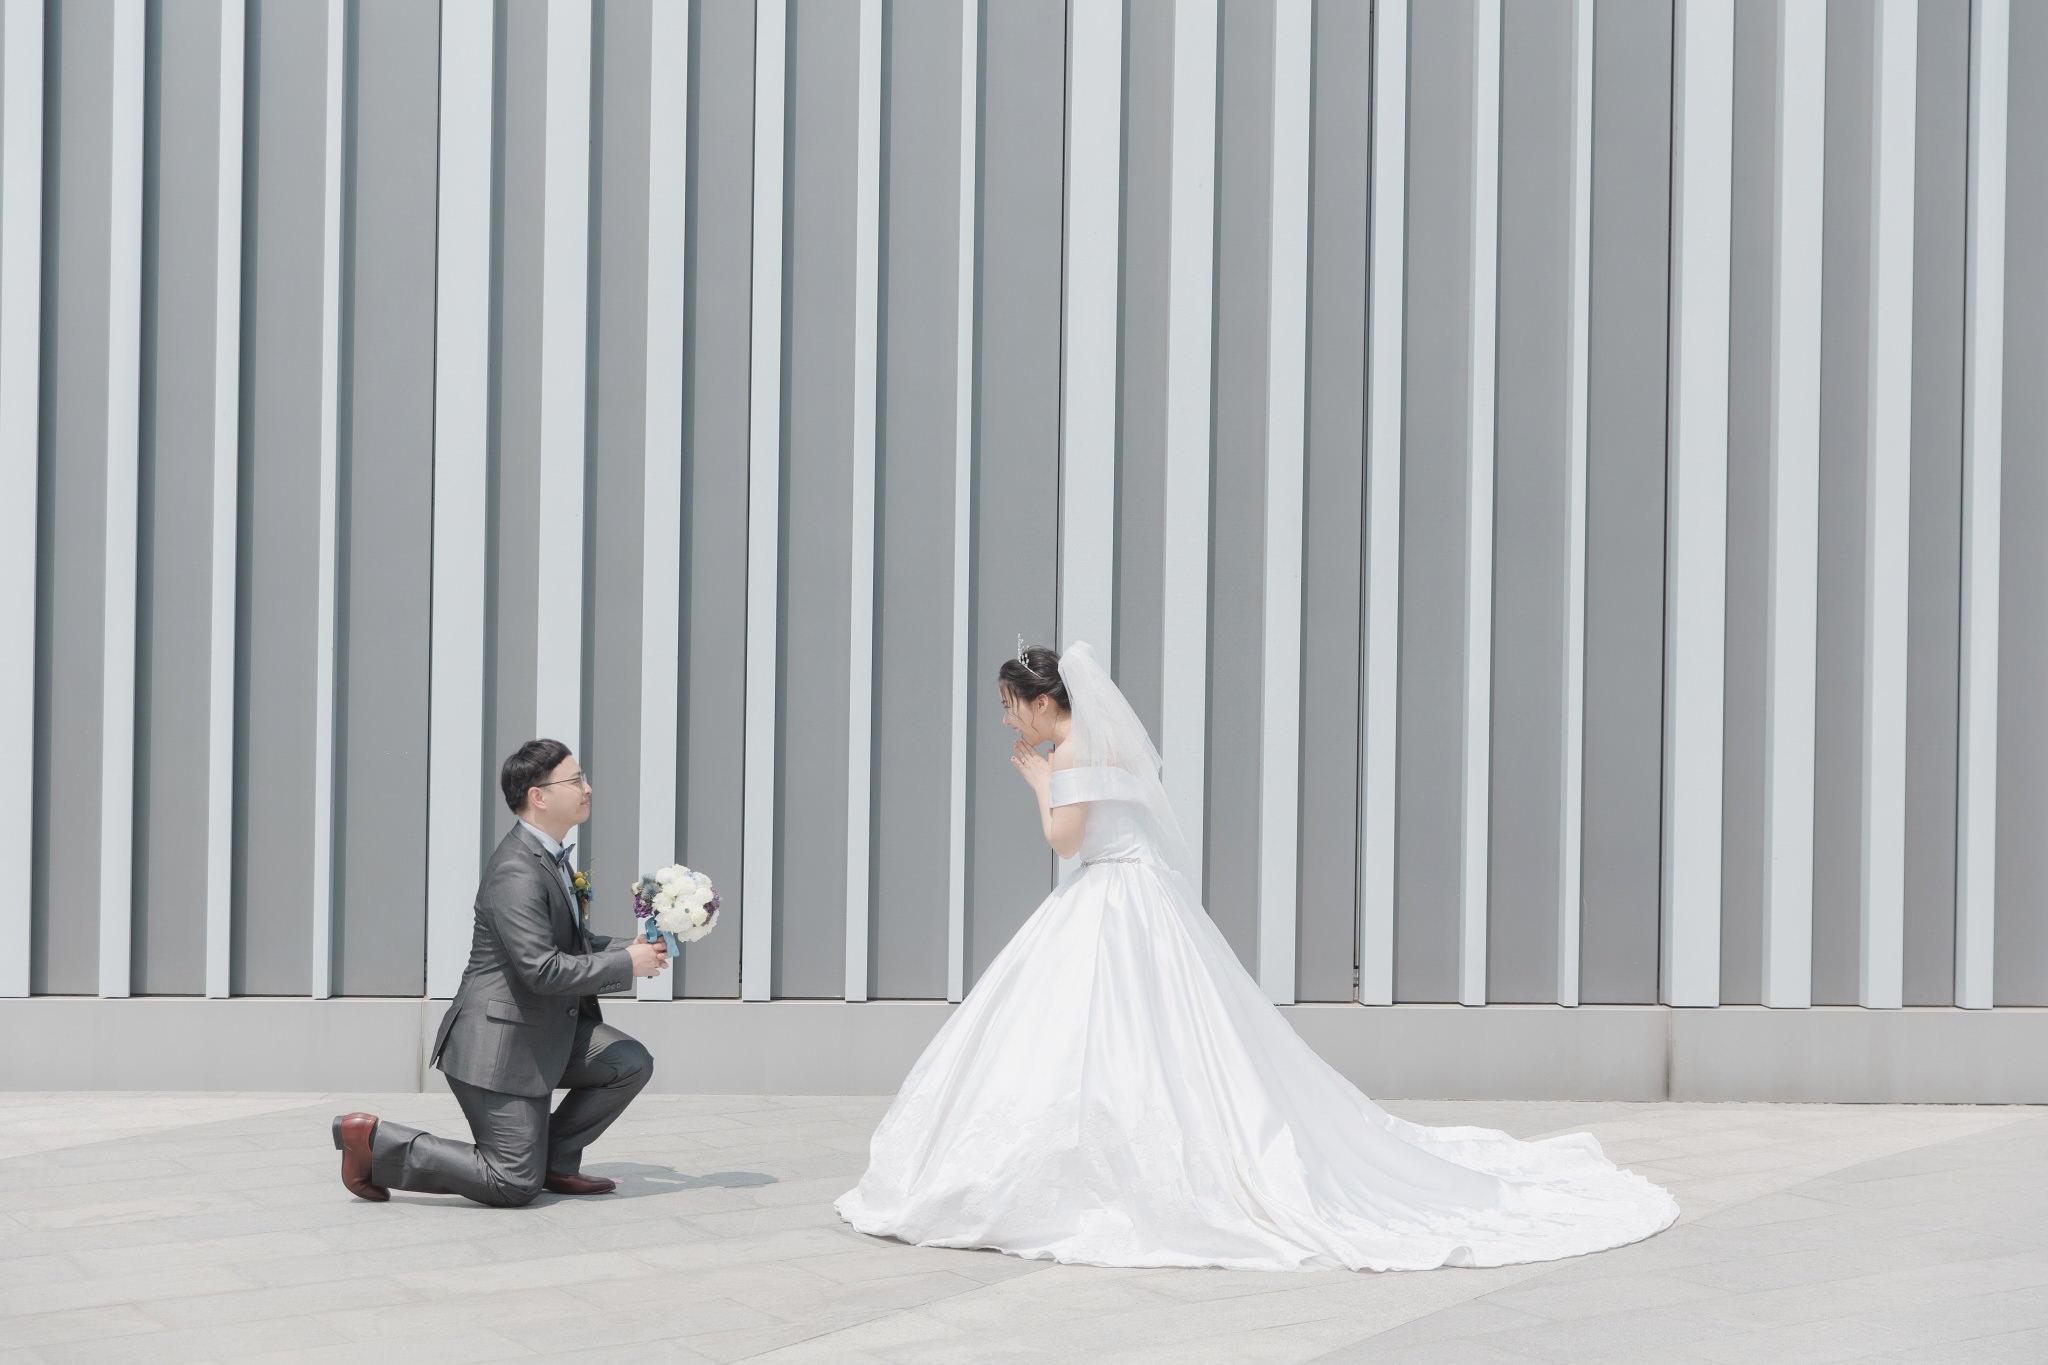 台南婚禮紀錄|老爺行旅 雅悅會館